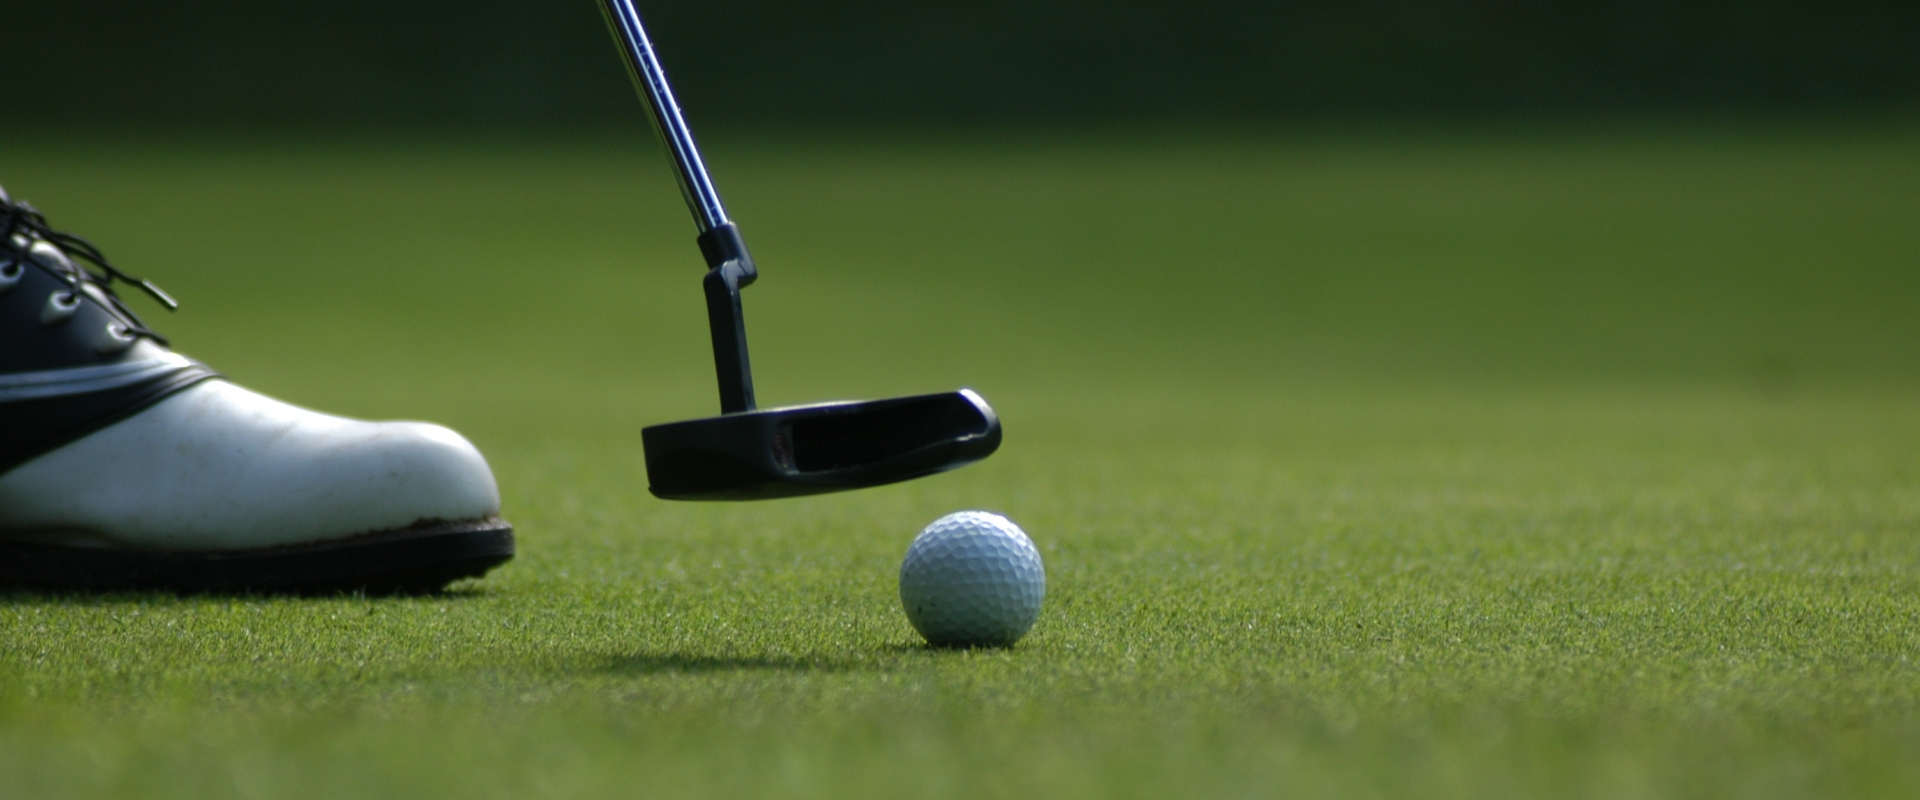 oostwegelcollection.nl - Golf